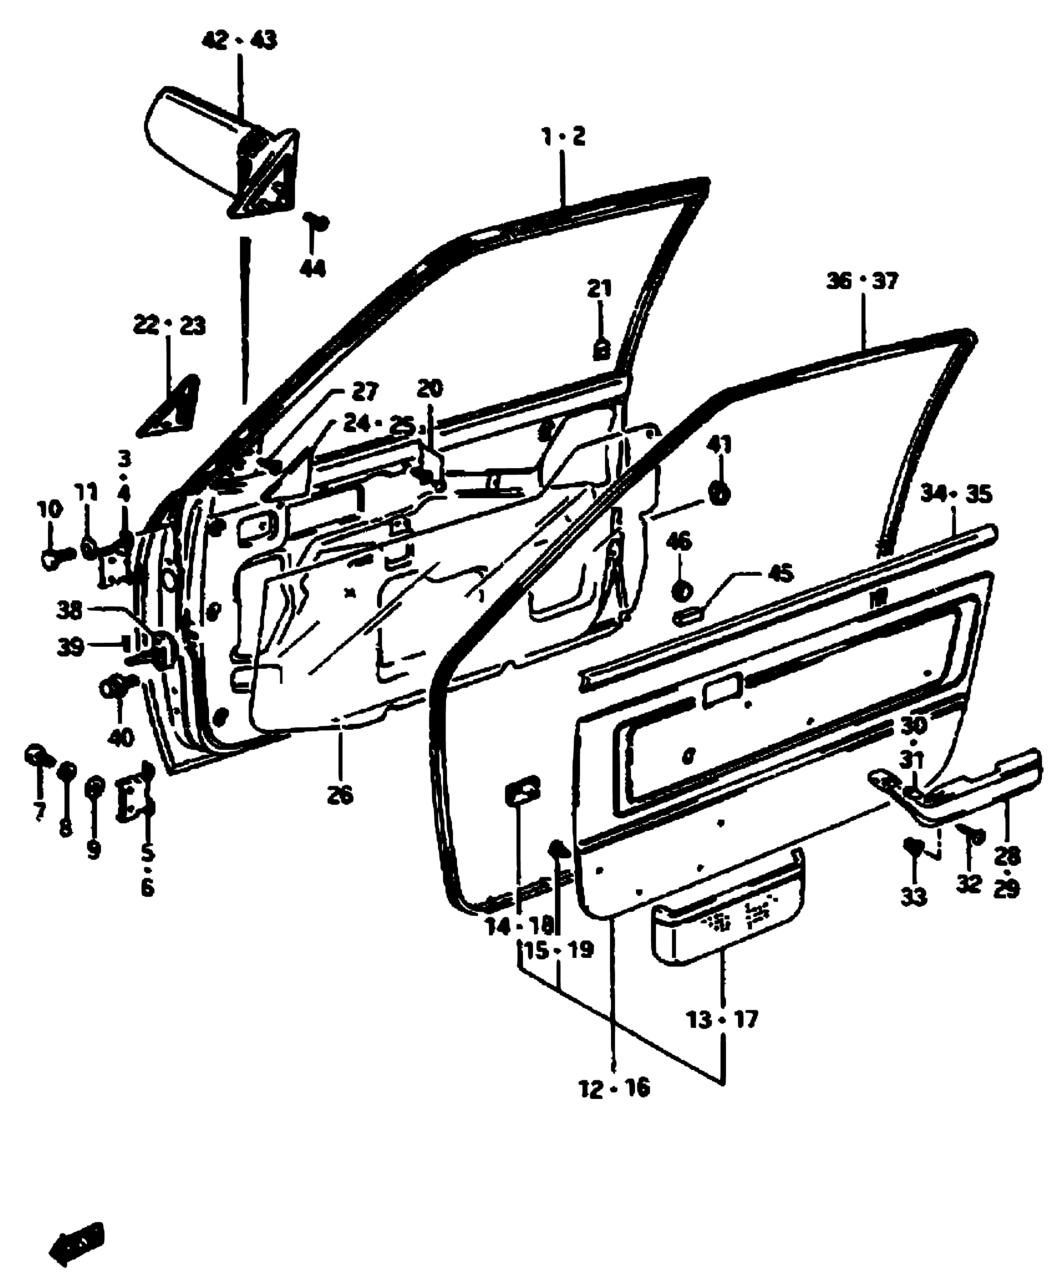 All Regions Forsa Sprint Swift Sa Sa413 Body 147 Front Suzuki Door Schematic Parts